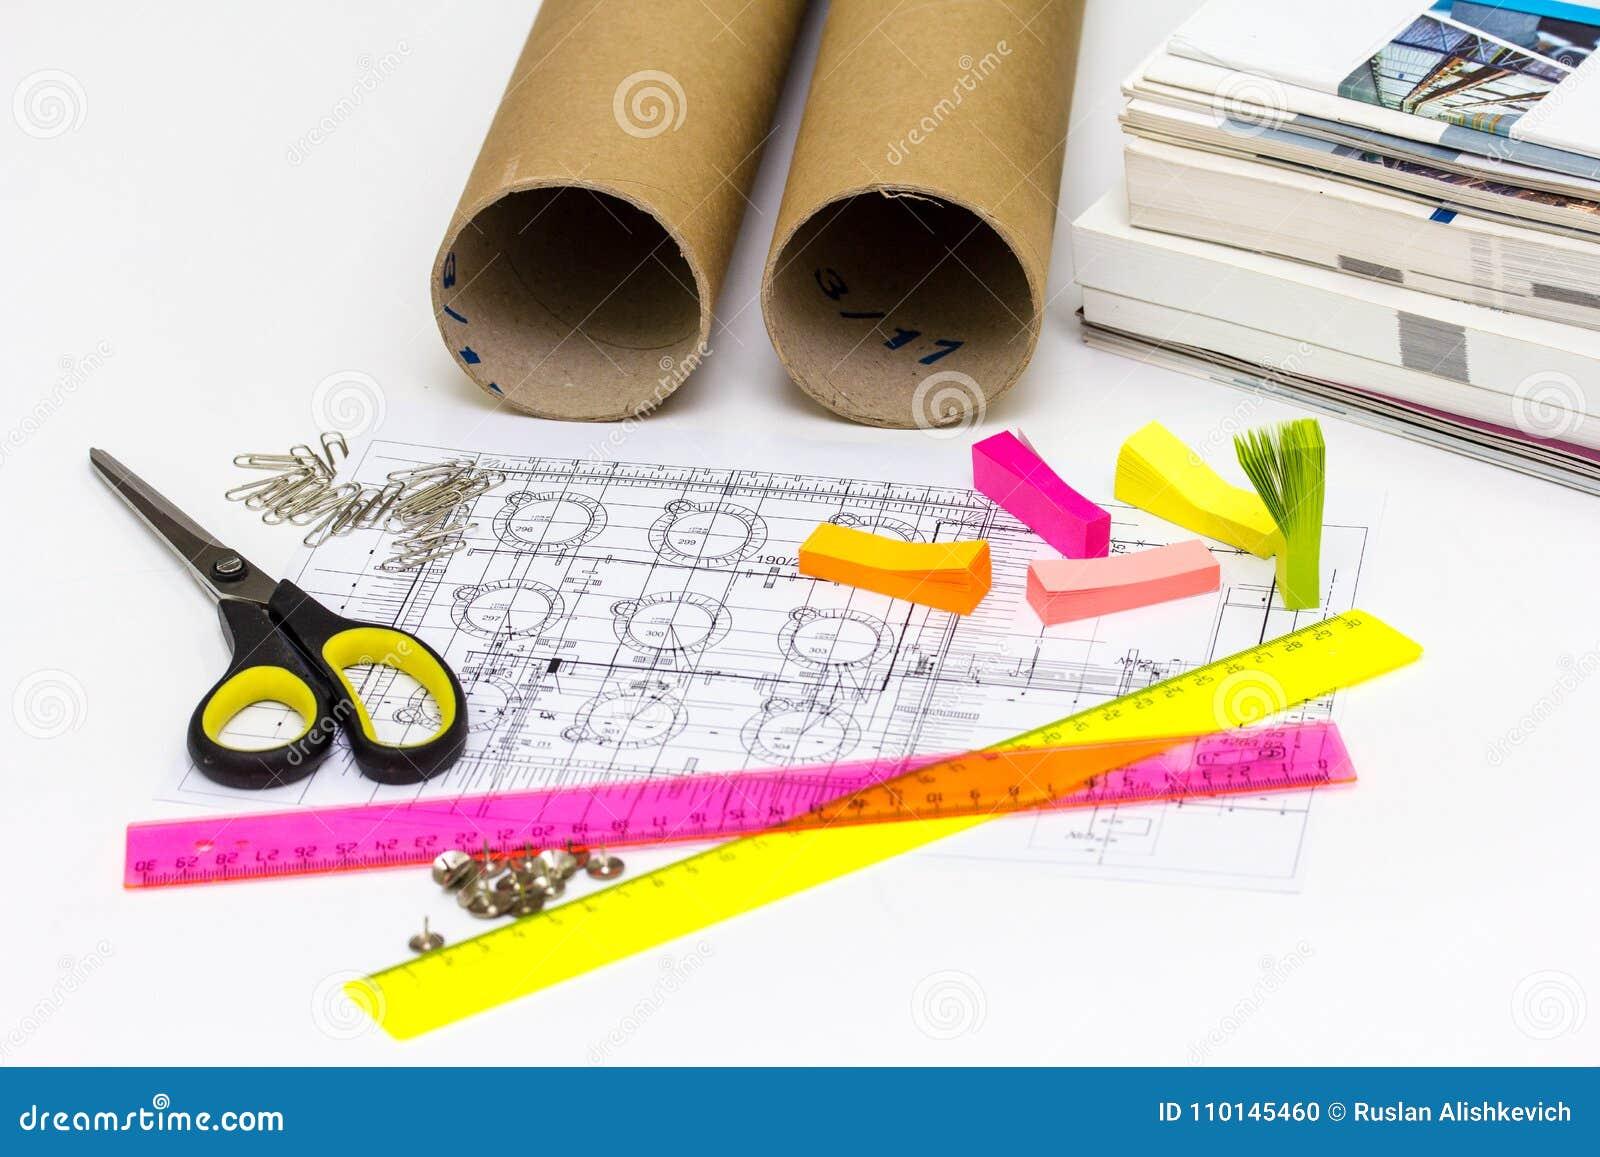 El ingeniero del lugar de trabajo tiene los modelos, tijeras, reglas, etiqueta engomada